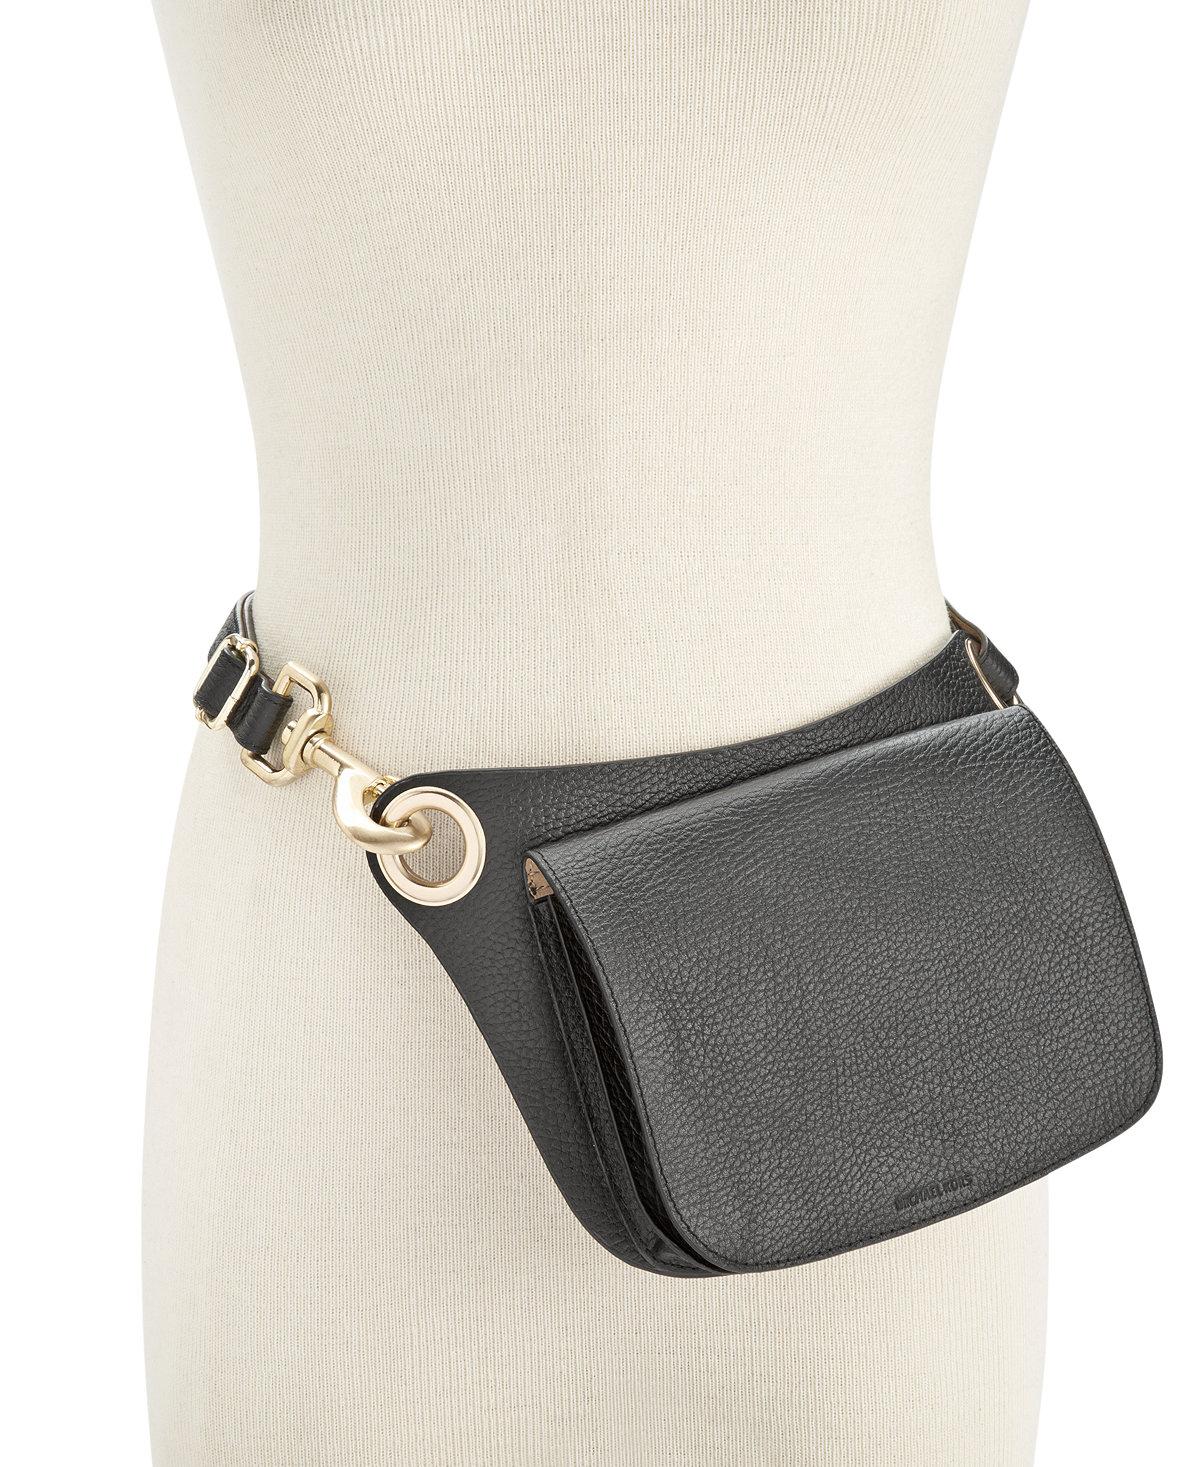 MK belt bag.jpg